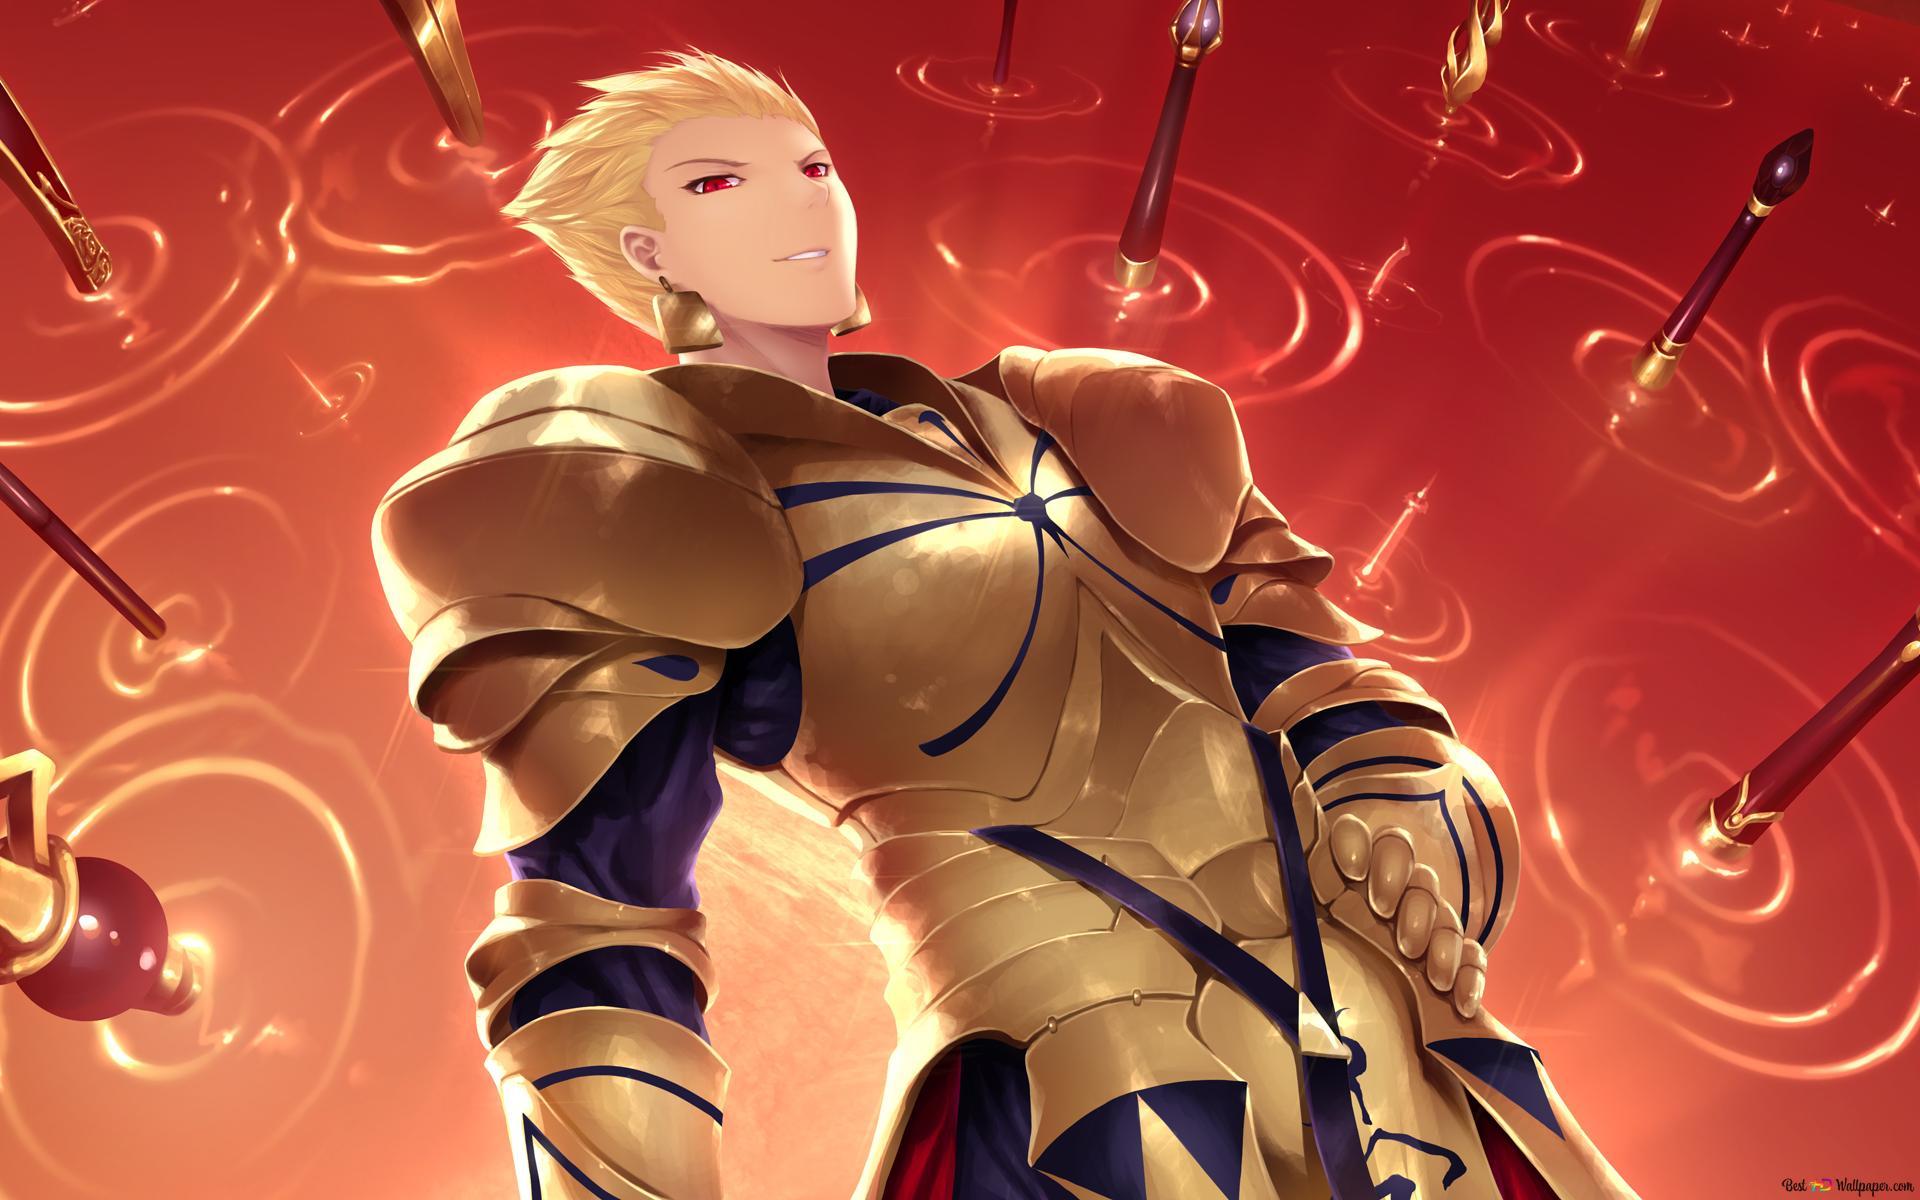 Descargar Fondo De Pantalla Fate Zero Gilgamesh Hd